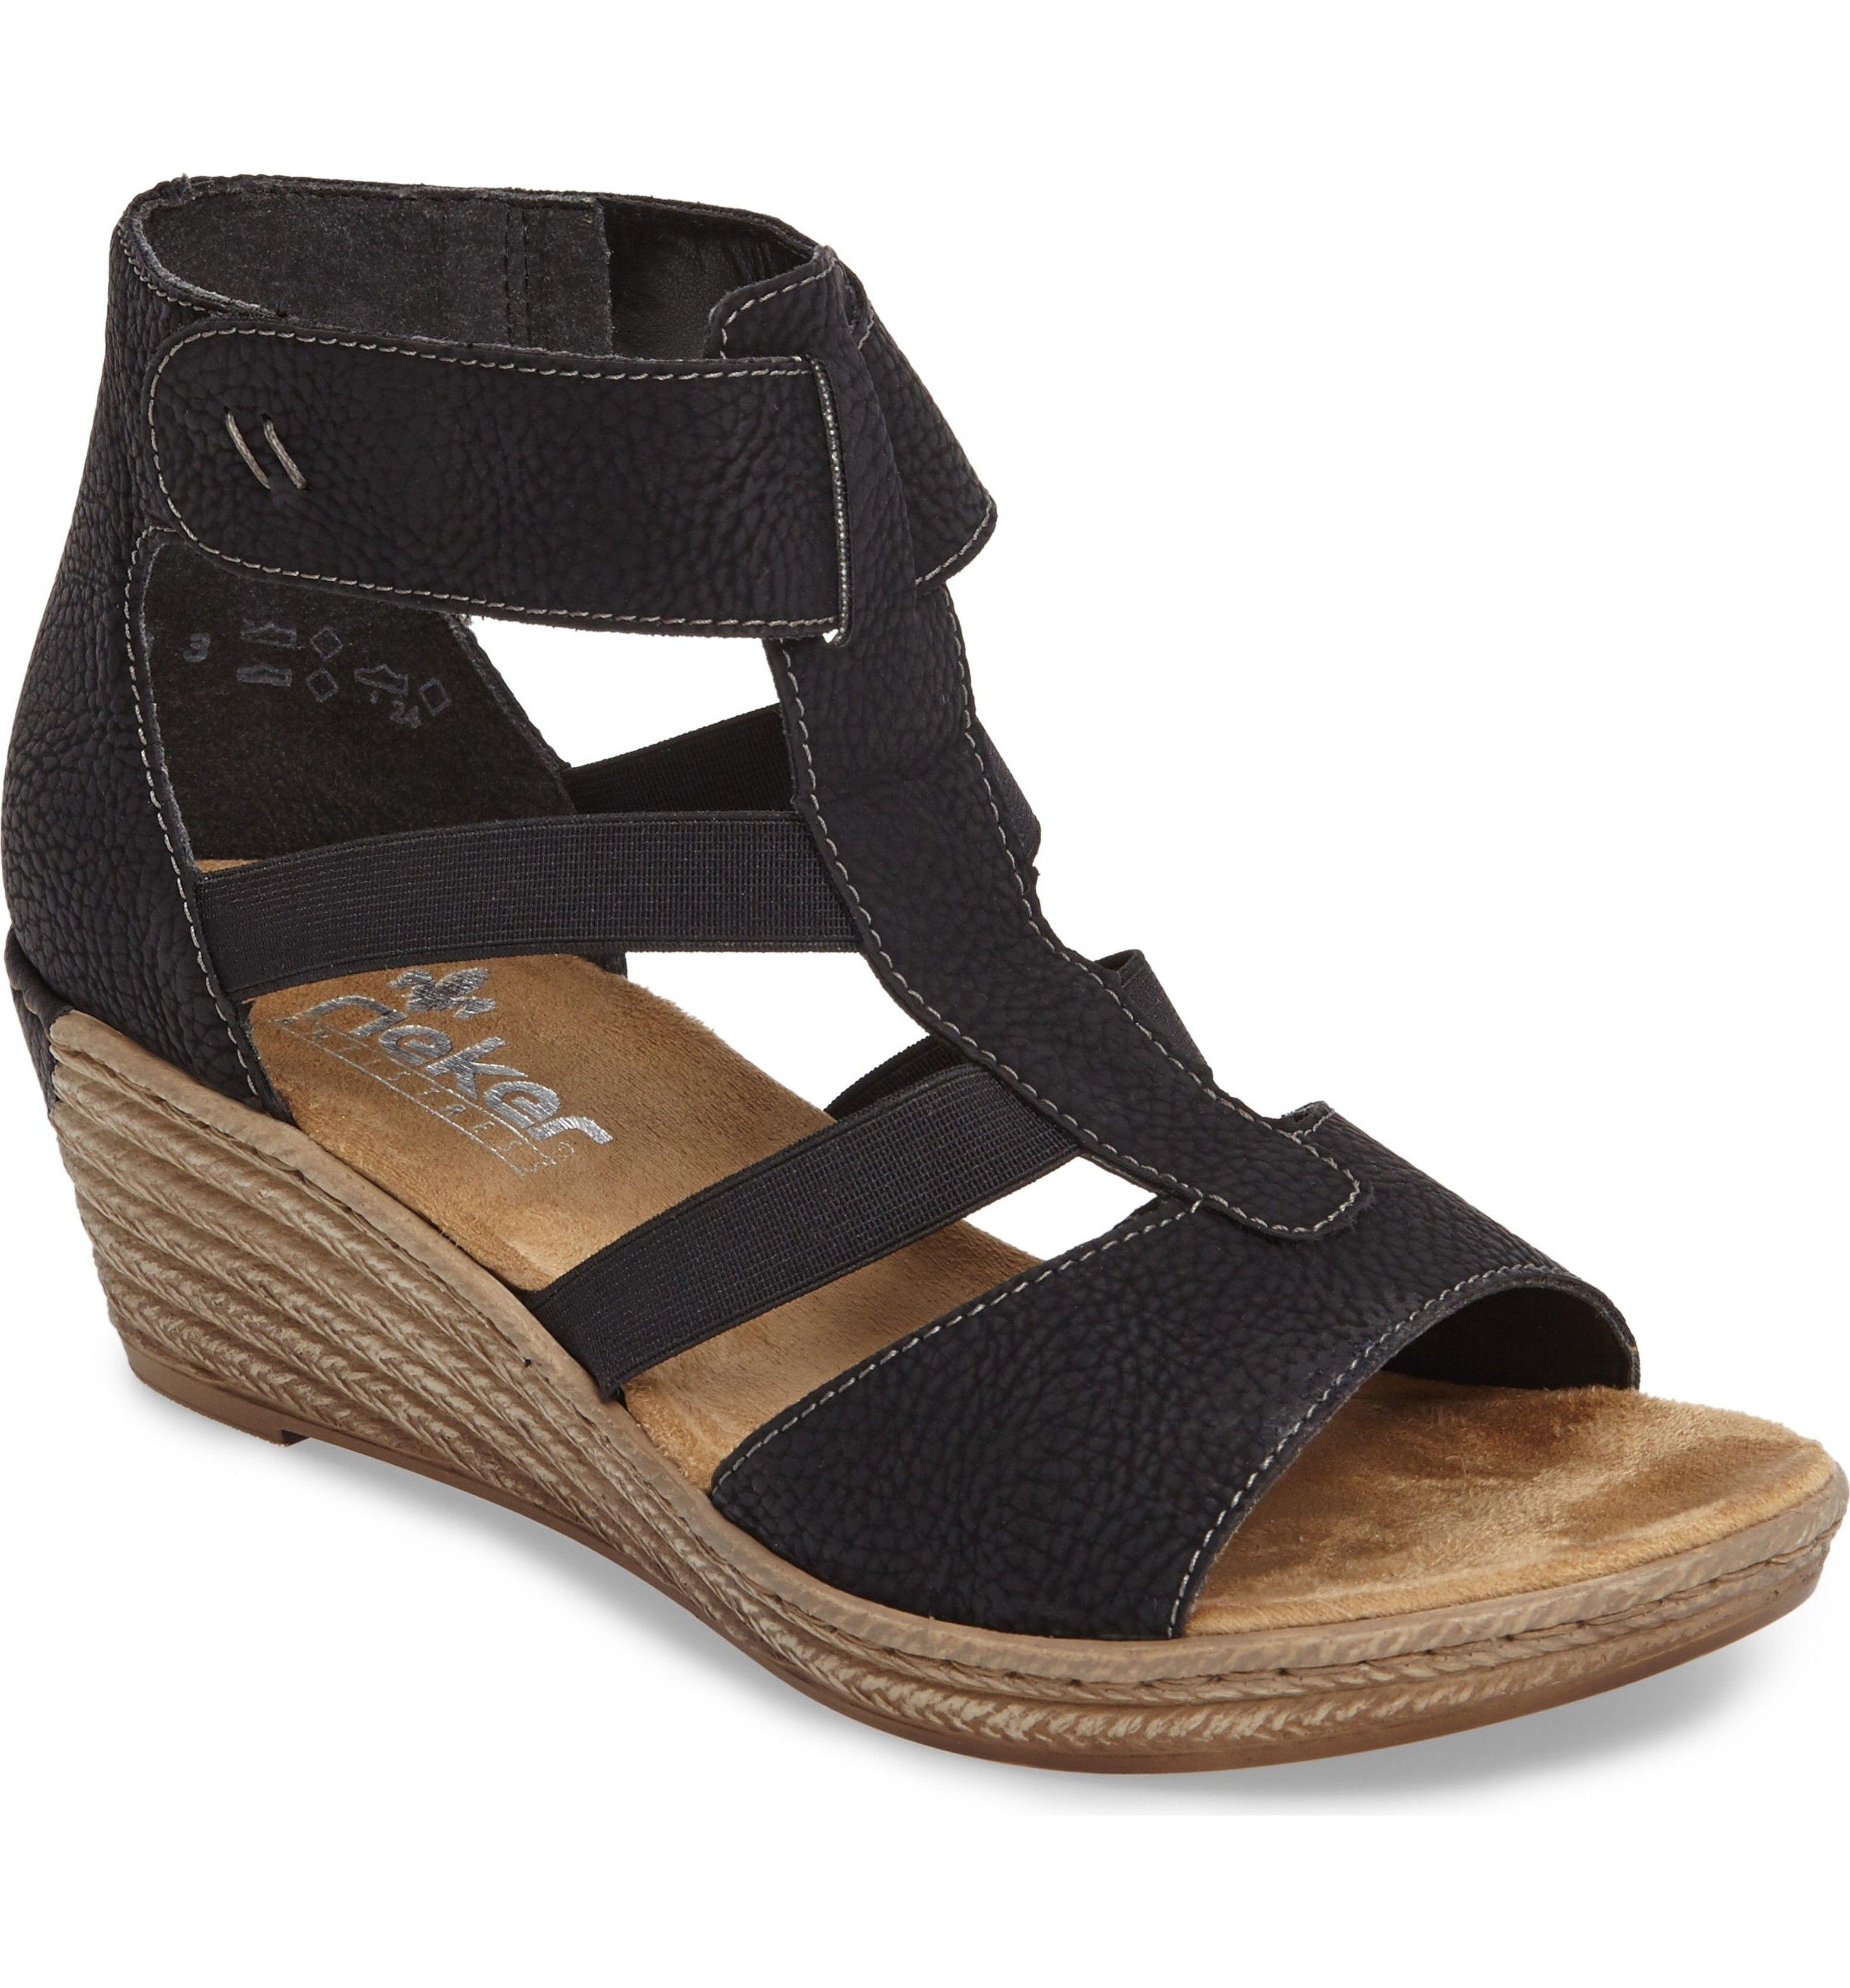 Rieker Antistress Fanni 39 Wedge Sandal (Women | Women's